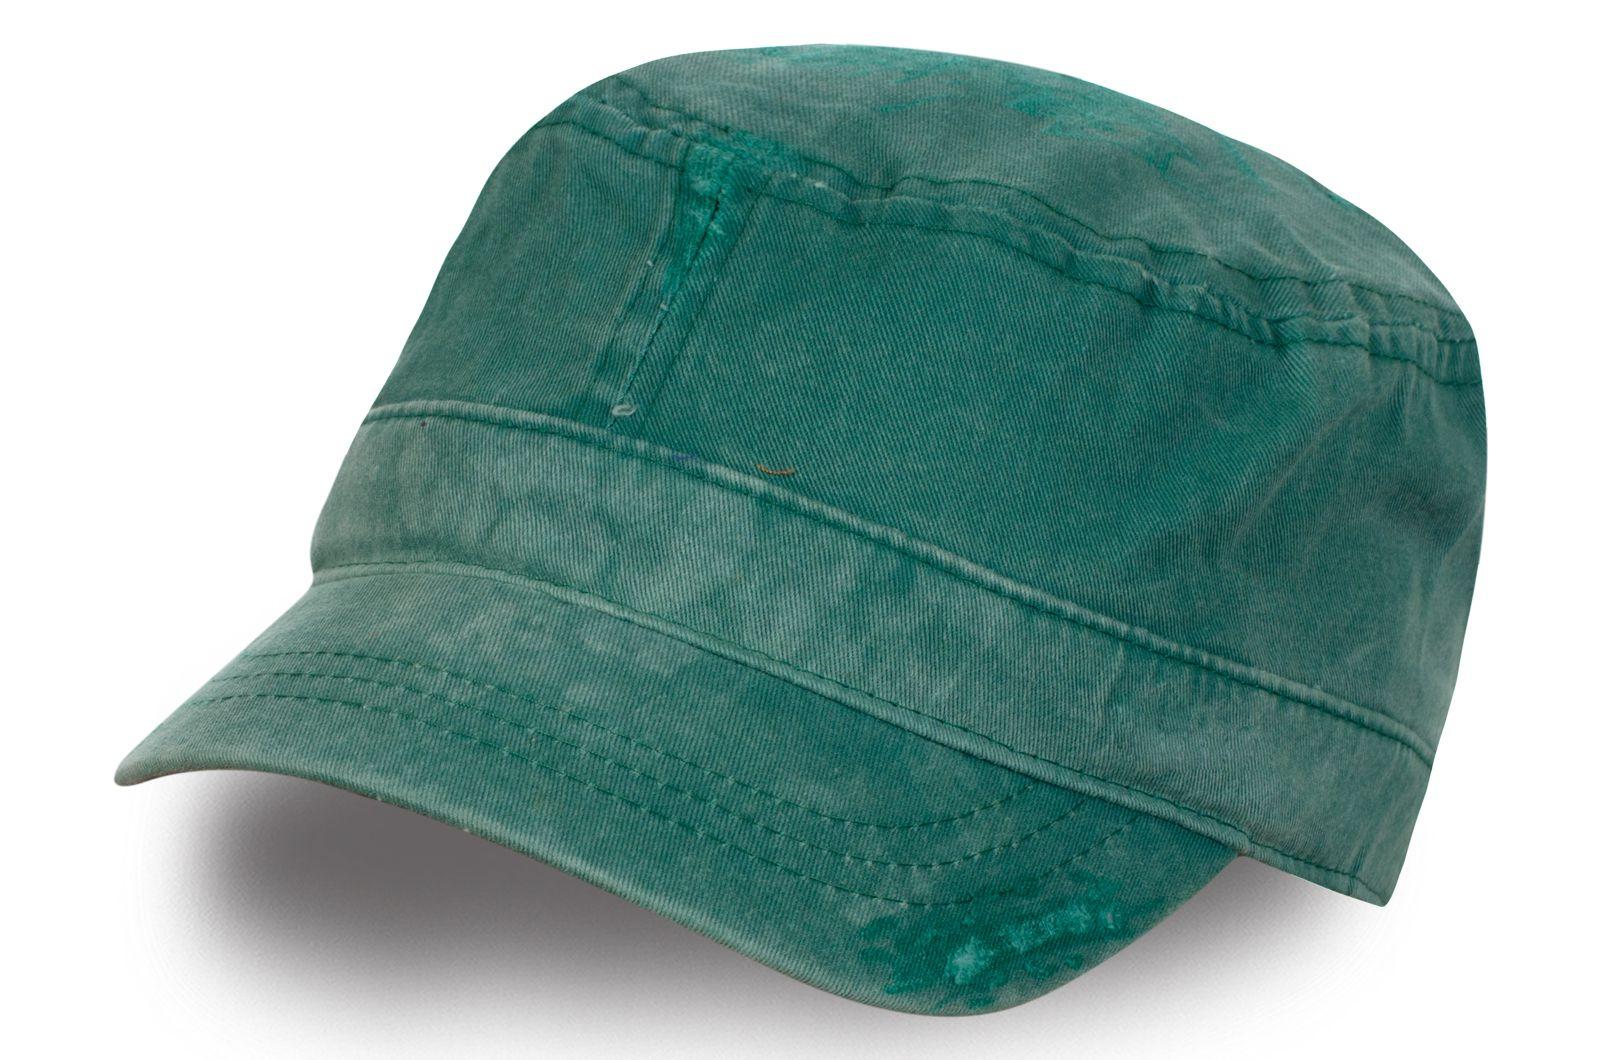 Зелёная кепка-немка | Купить кепки и бейсболки по низкой цене